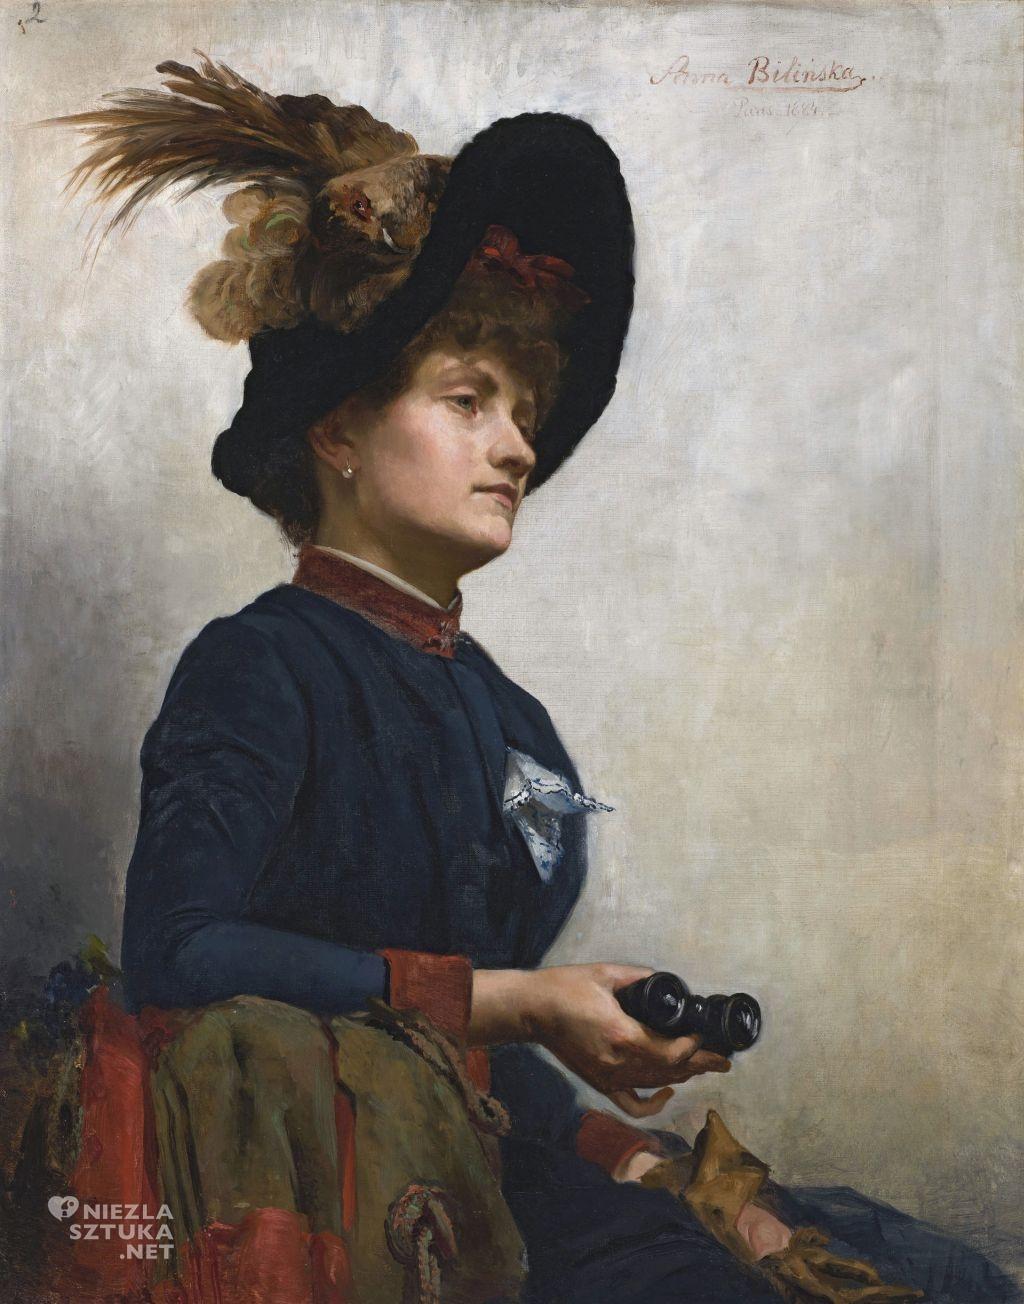 Anna Bilińska Portret damy z lornetką